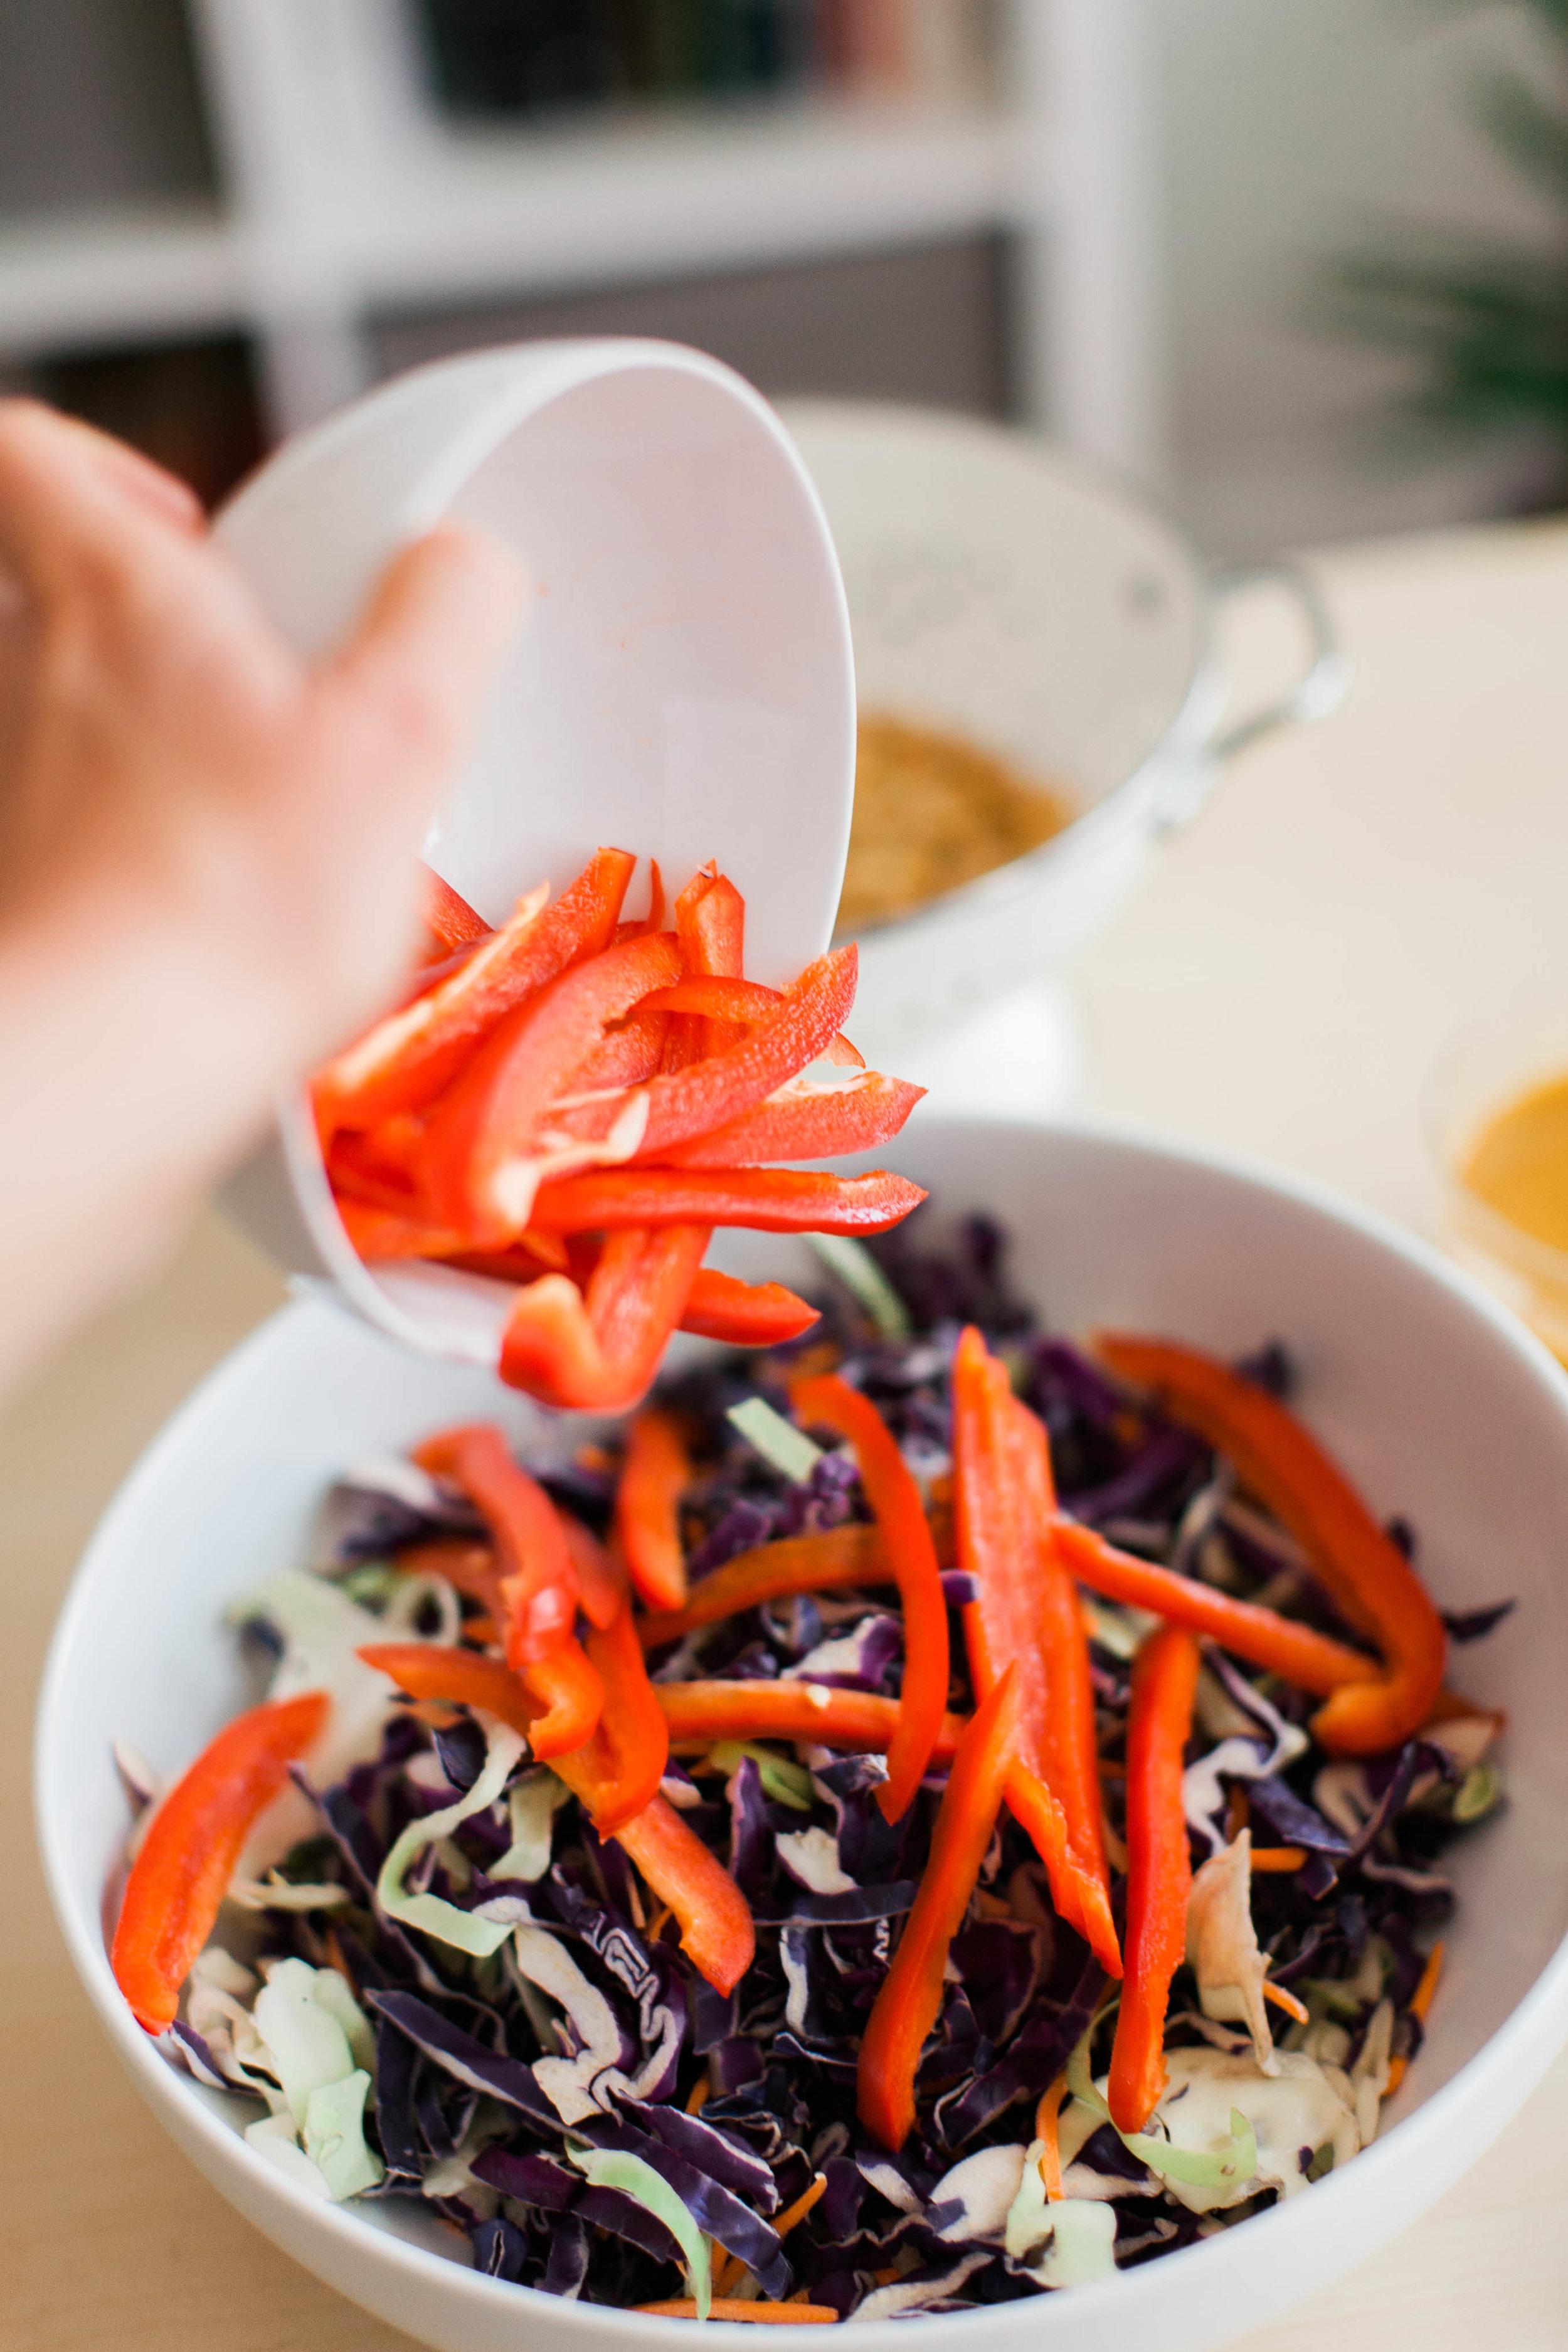 jennahazelphotography-thai-peanut-salad-with-chickpeas-0683.jpg